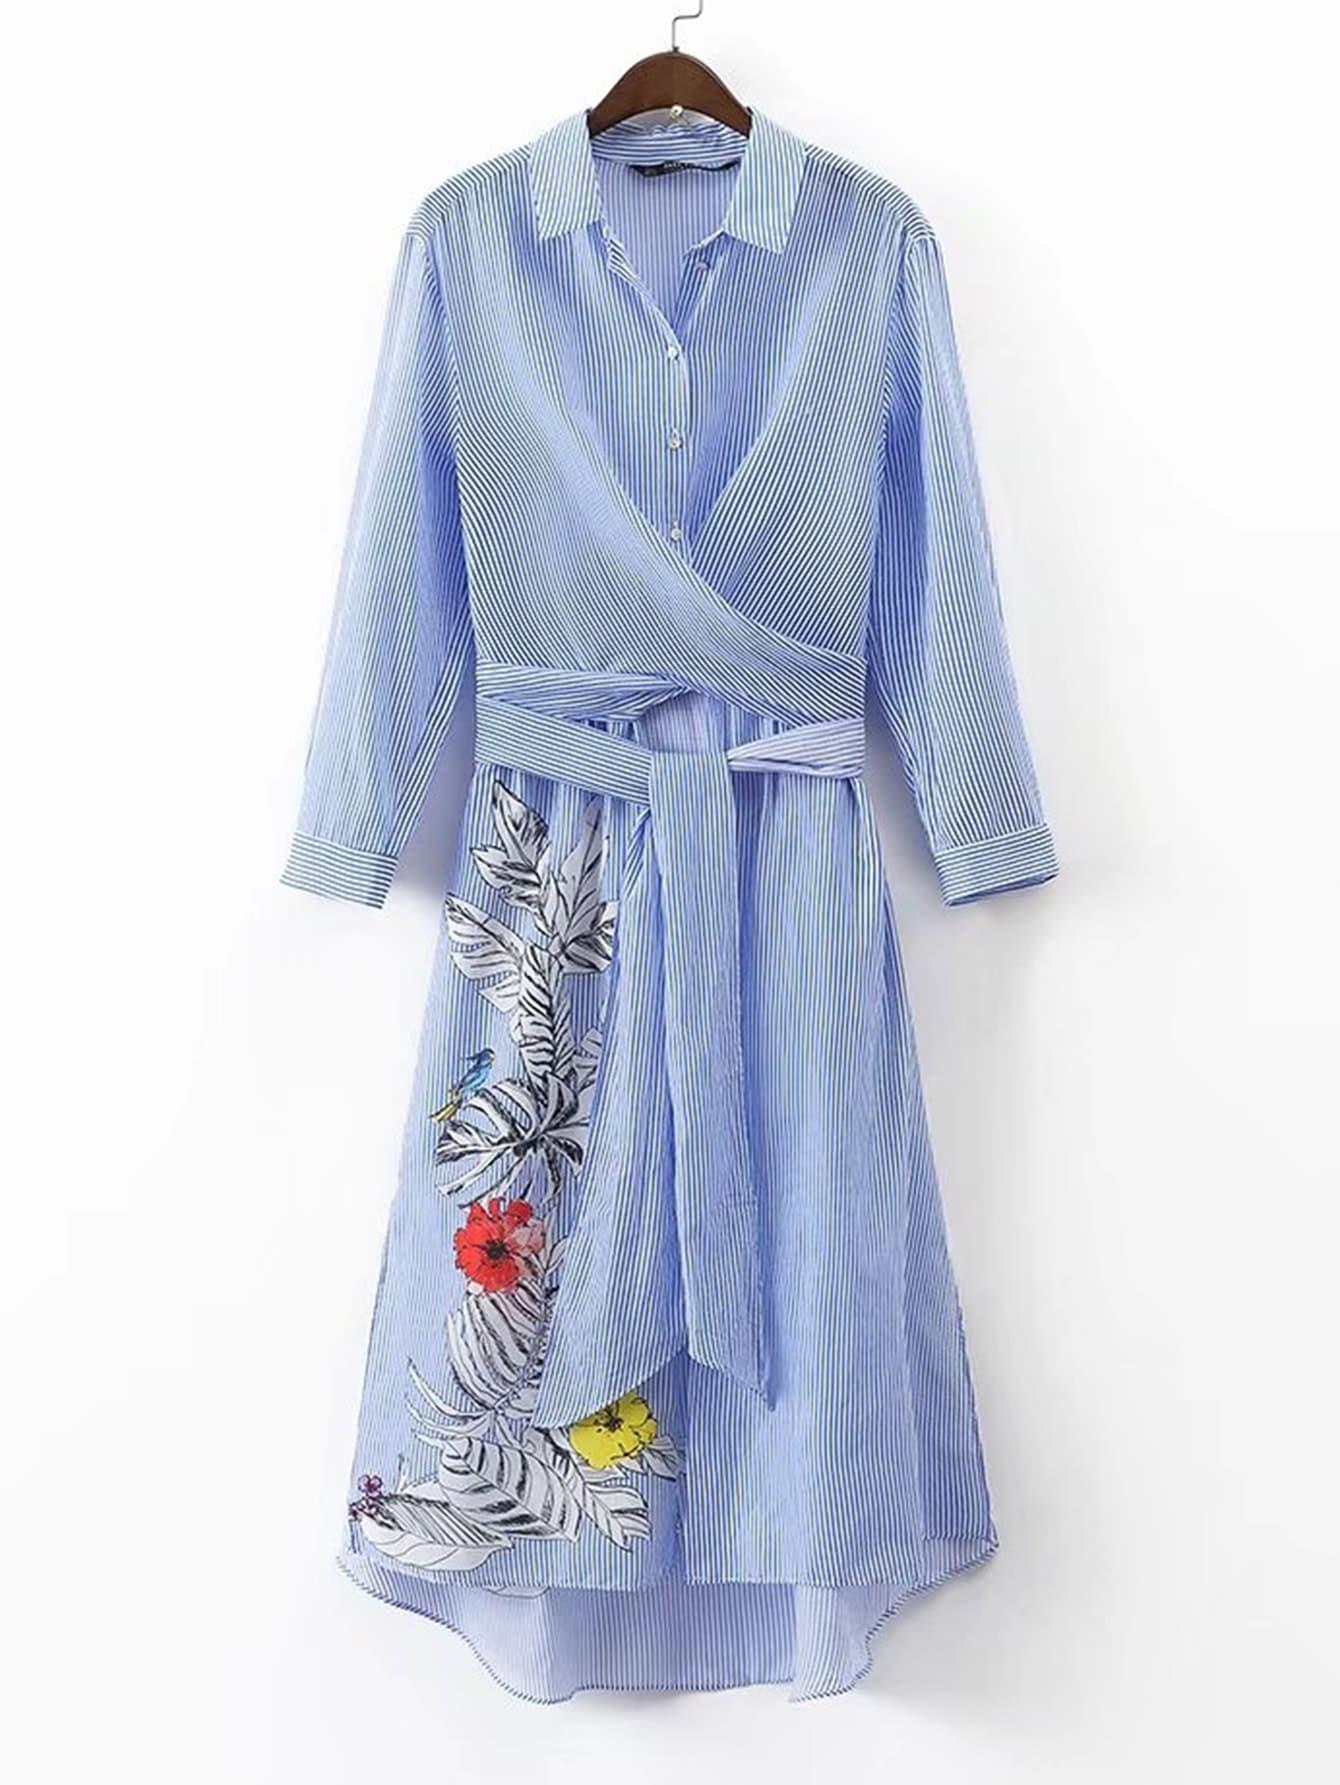 dress170515206_2